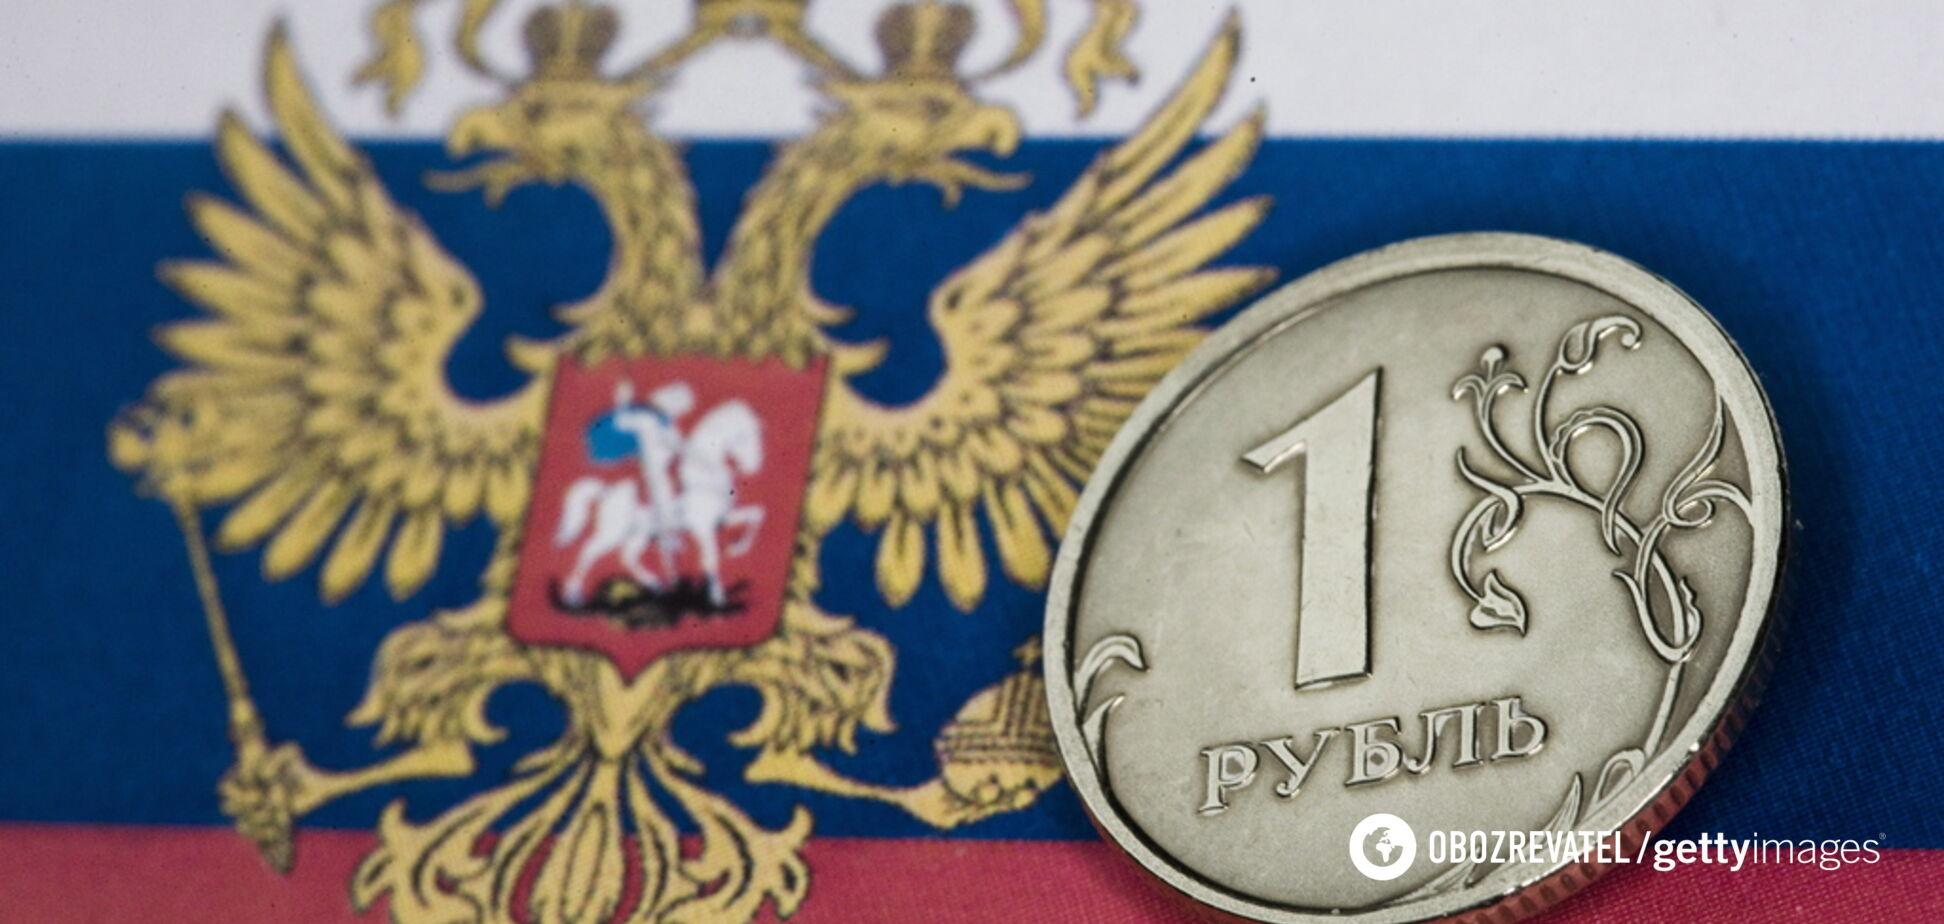 'Утечка на миллион': в России слили данные клиентов крупнейших банков